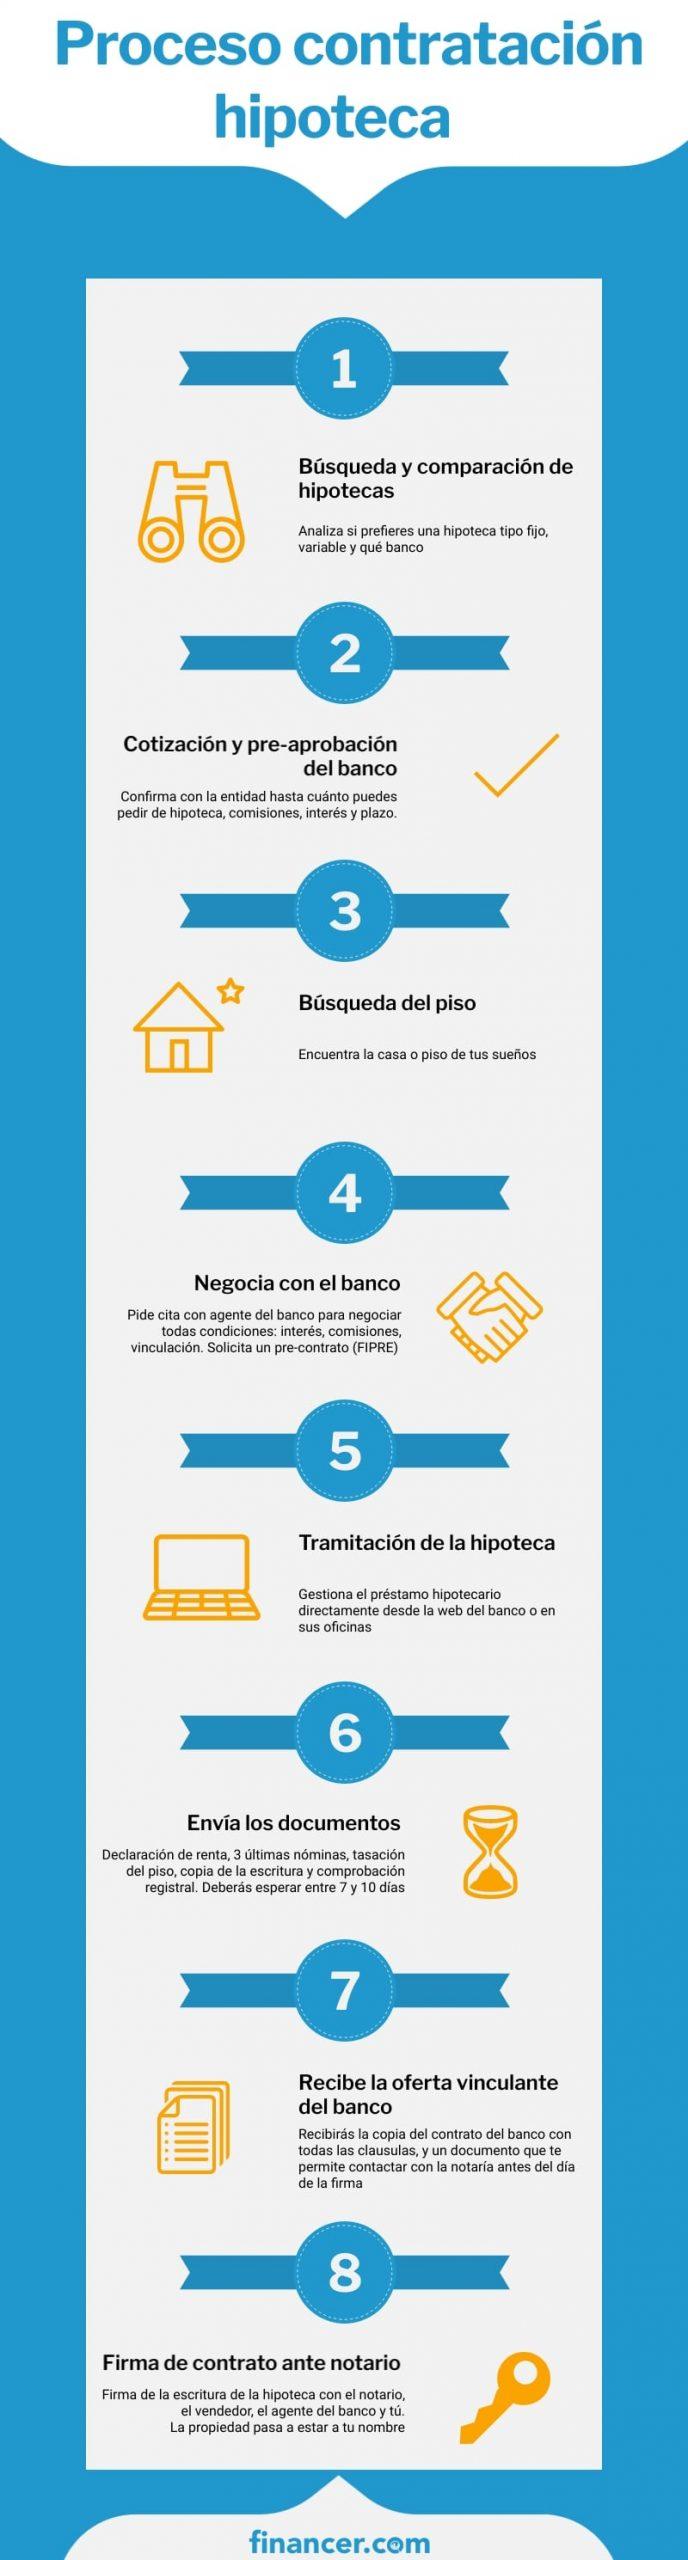 proceso de contratación de una hipoteca